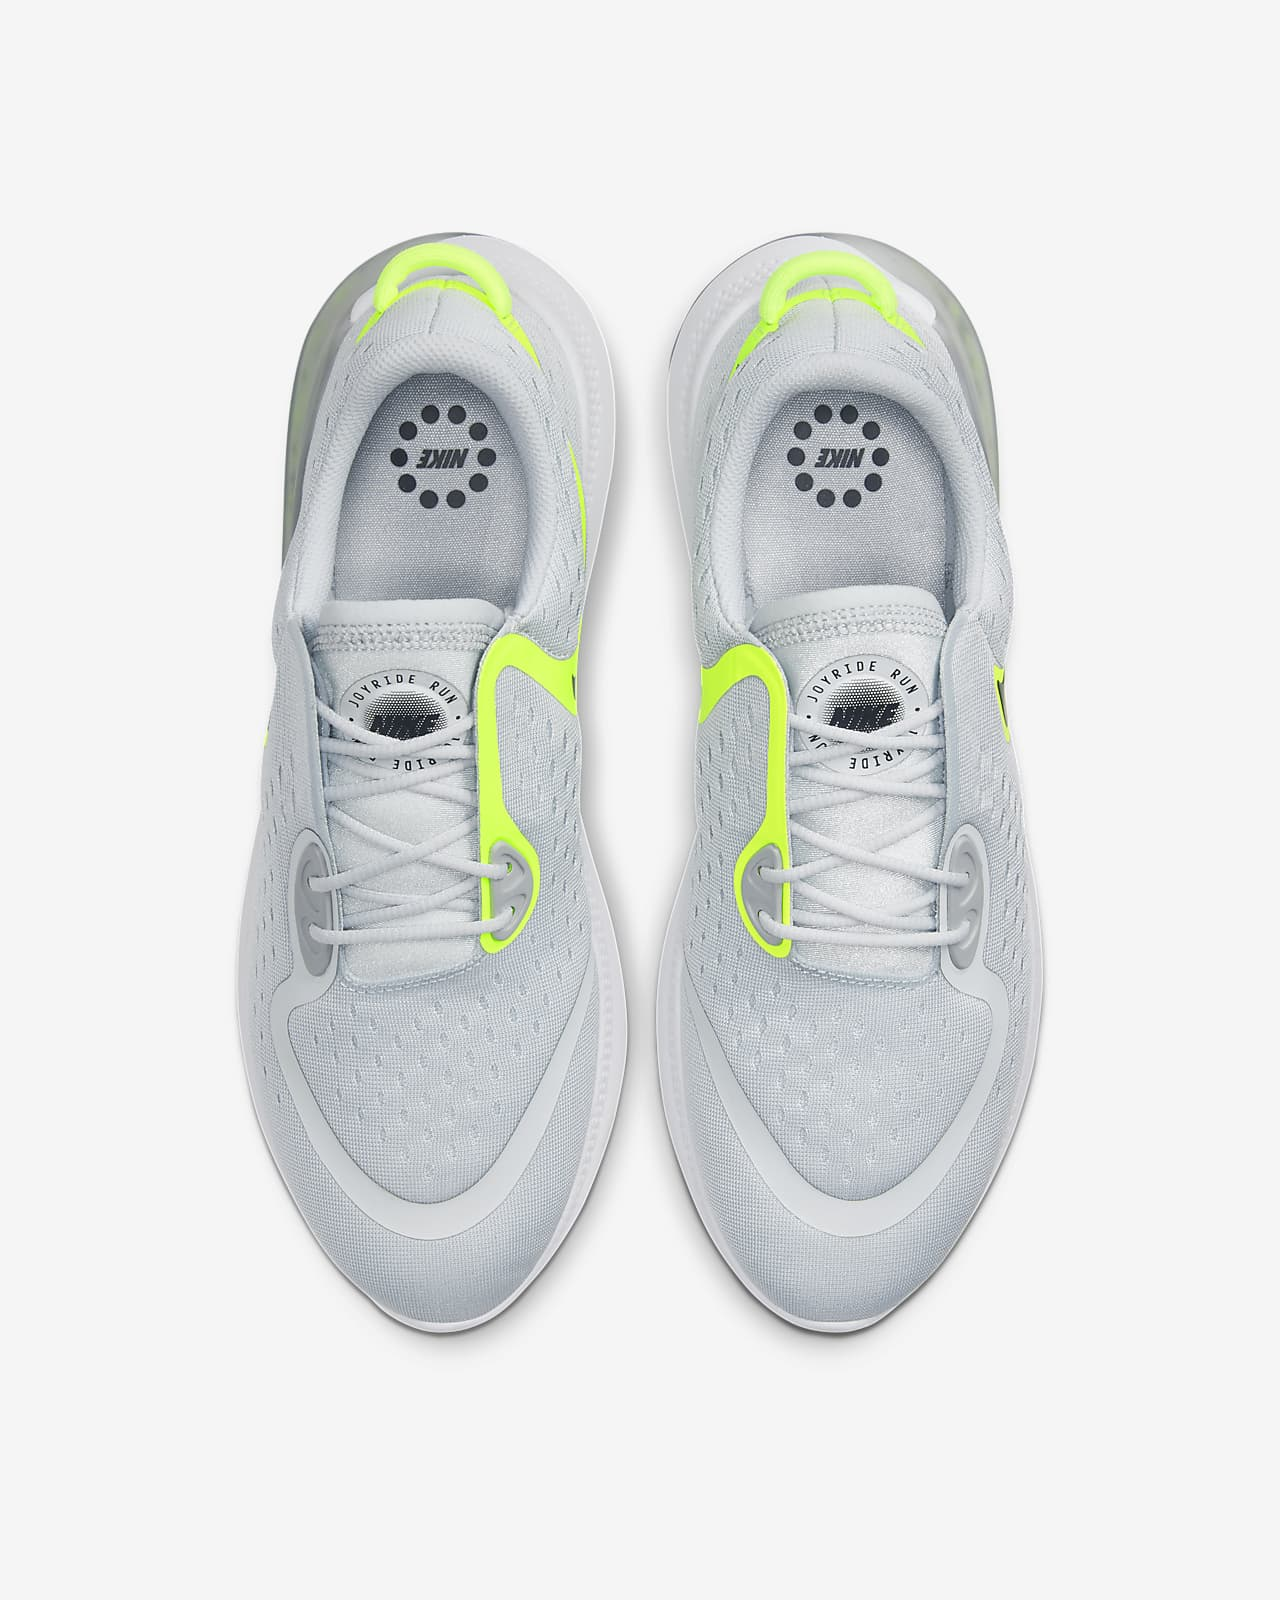 1,2,3,4, or 5? #nike#adidas#airmax#airmax97#airmax270#nikes